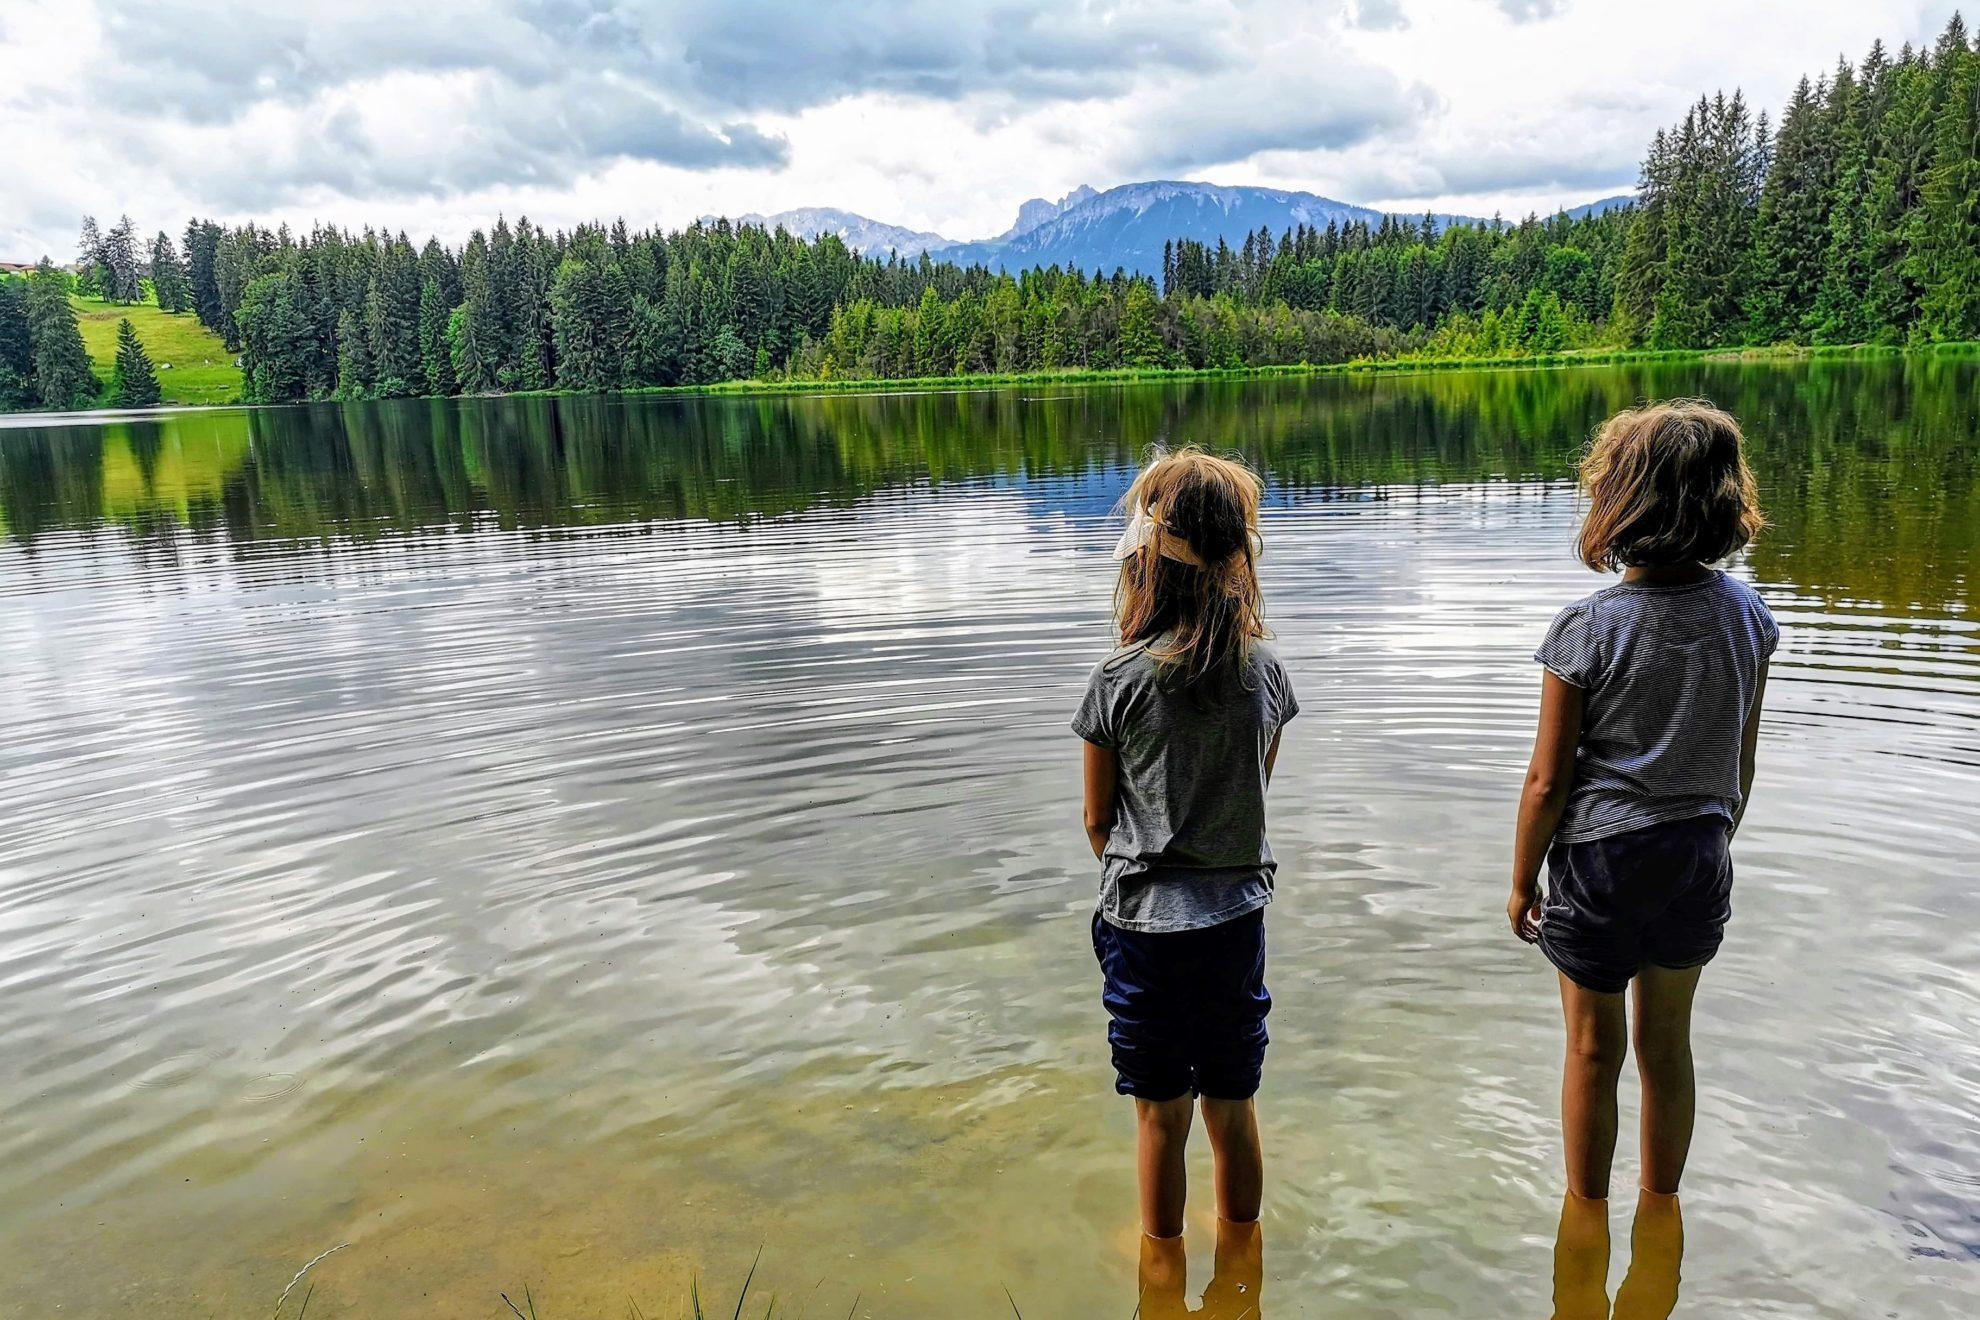 Mit Kindern wandern im Allgäu um den Kögelweiher und Attlesee - ein Ausflugstipp für die ganze Familie